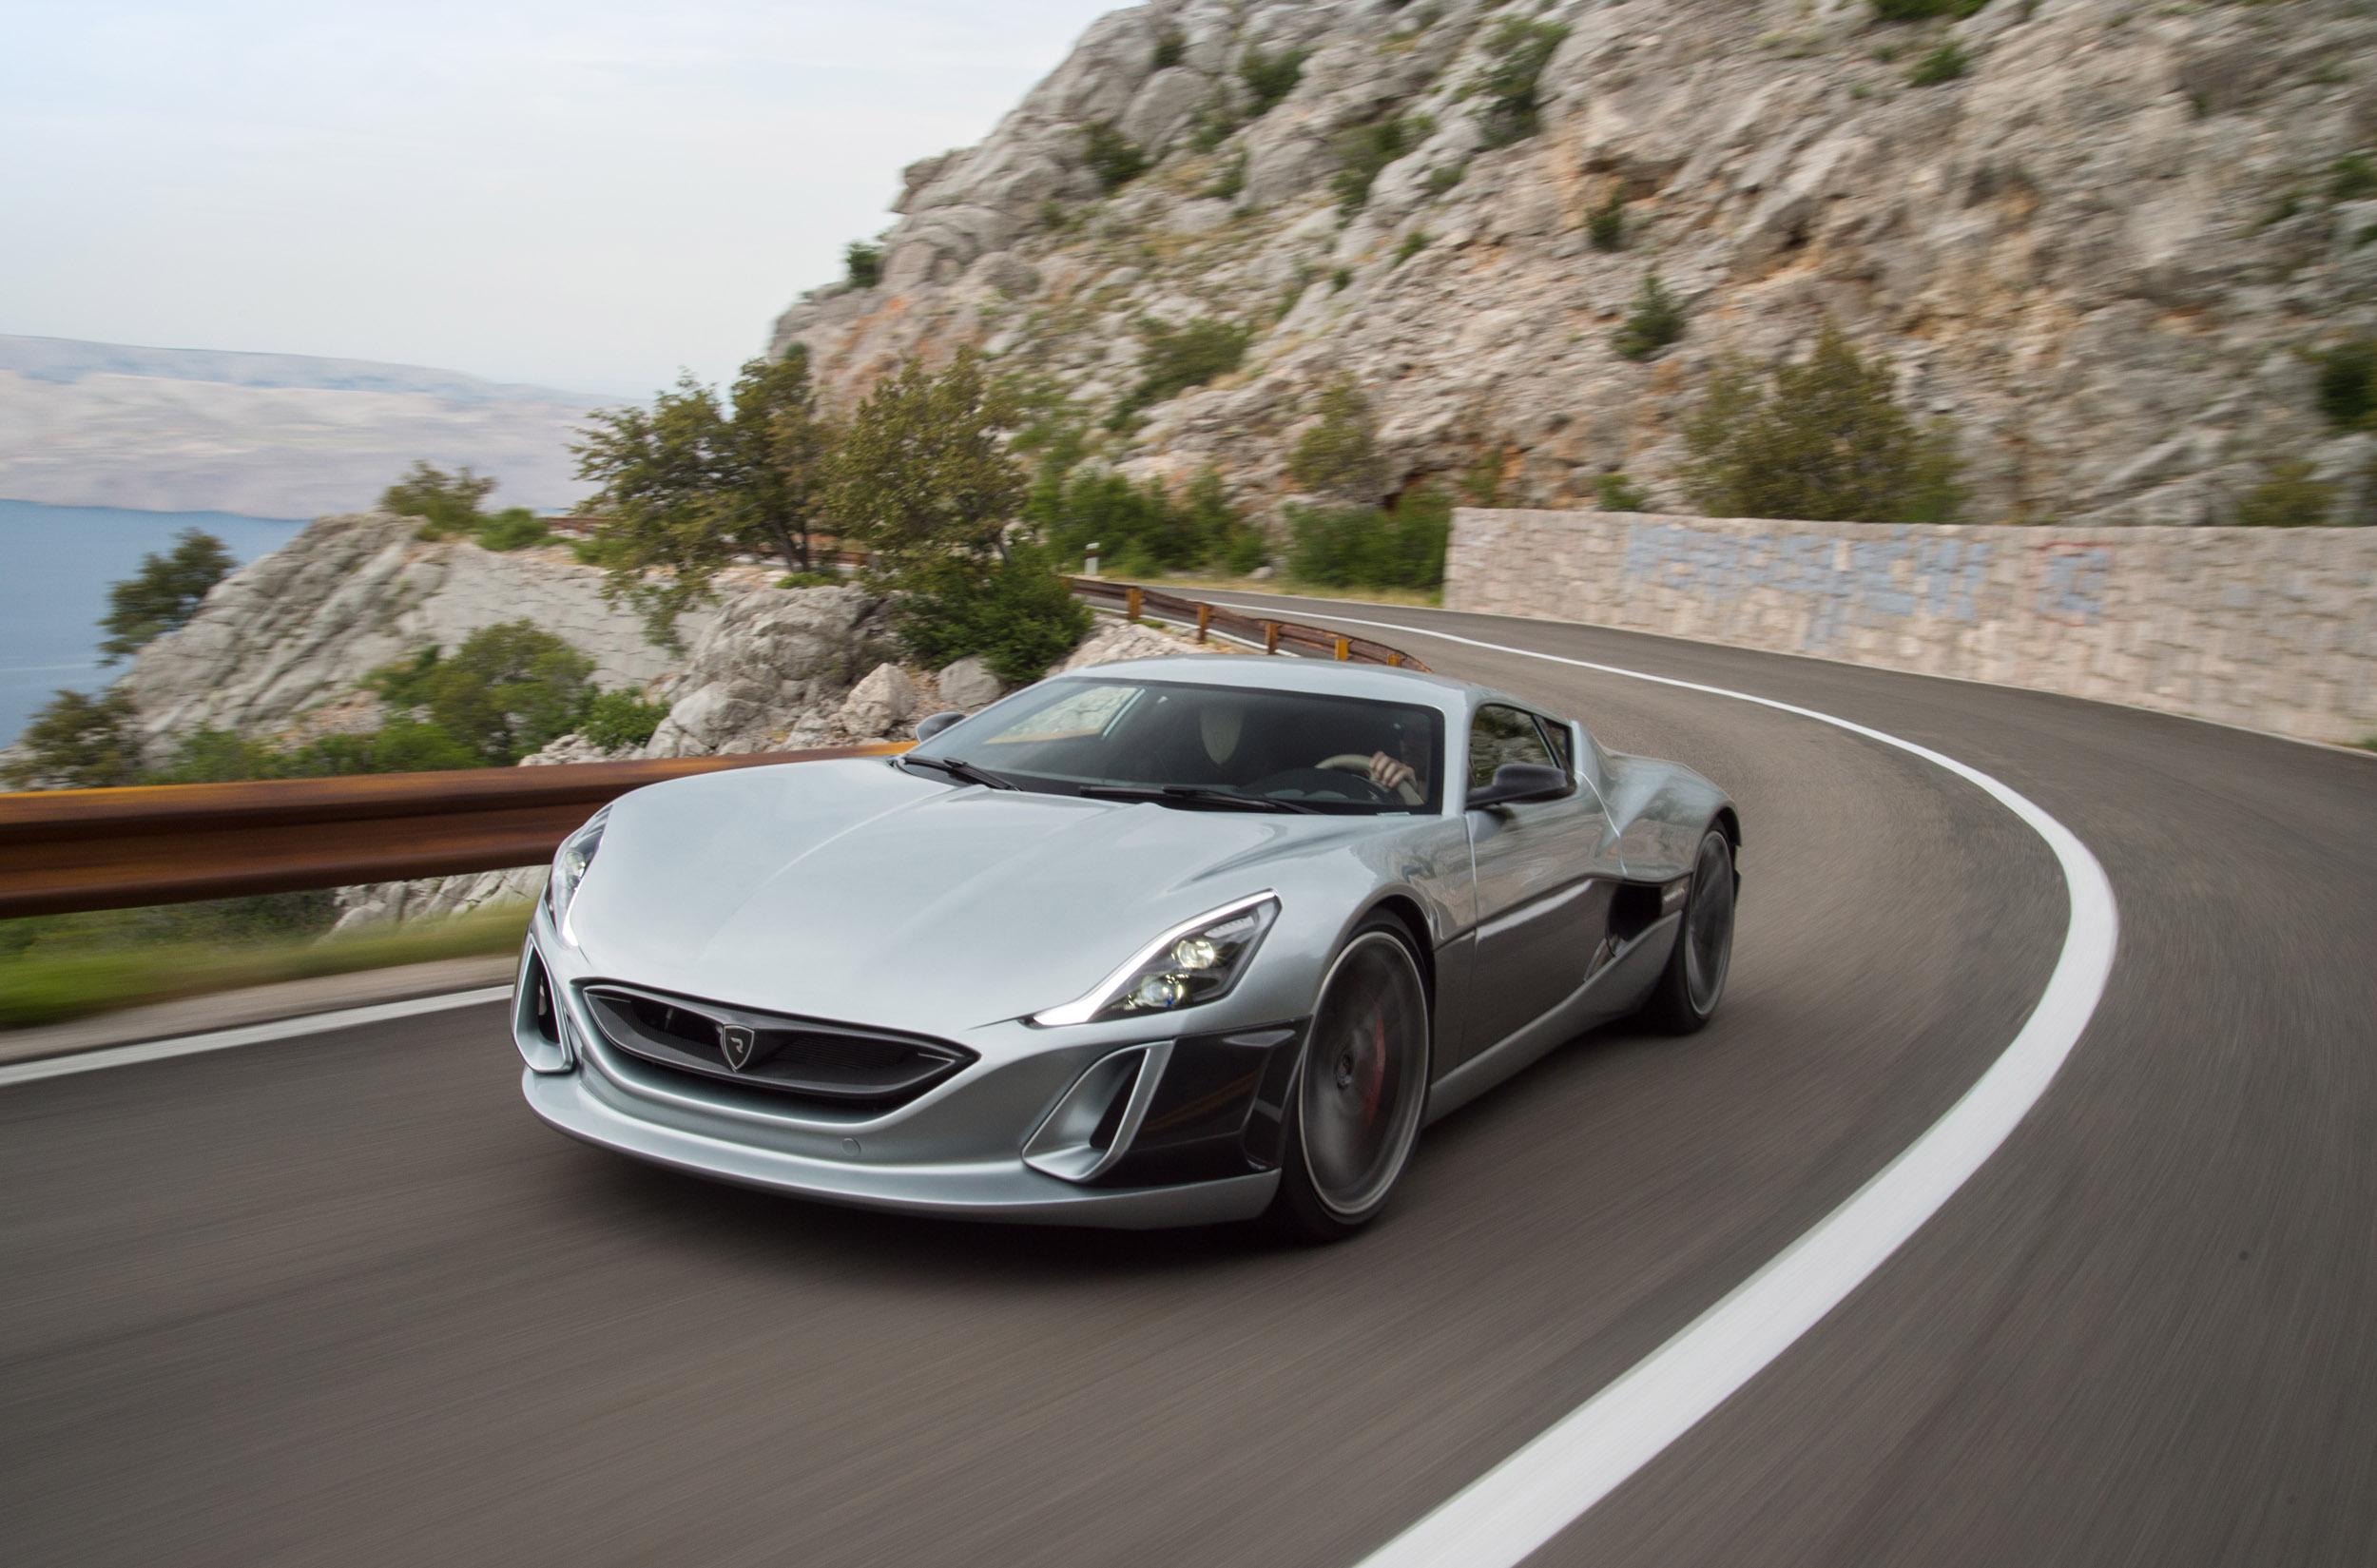 fastest cars 0 60 - HD2500×1649